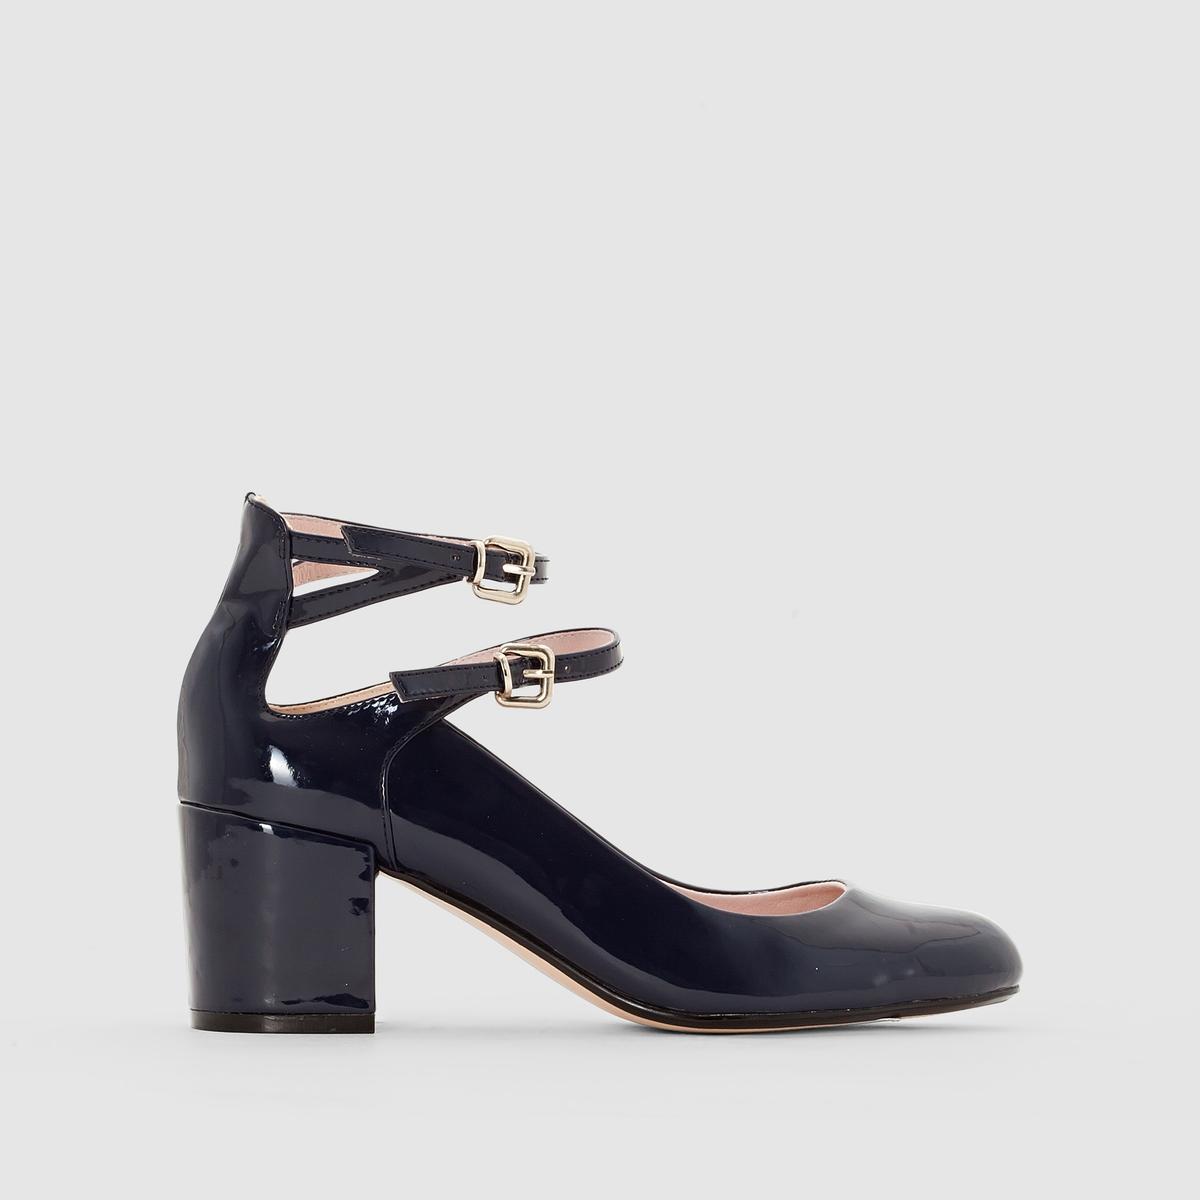 Балетки лакированные на каблукеВерх : синтетикаПодкладка : кожаСтелька : кожаПодошва : эластомерВысота каблука : 6 смФорма каблука : широкийМысок : закругленныйЗастежка : ремешкиМарка: mademoiselle R<br><br>Цвет: синий<br>Размер: 40